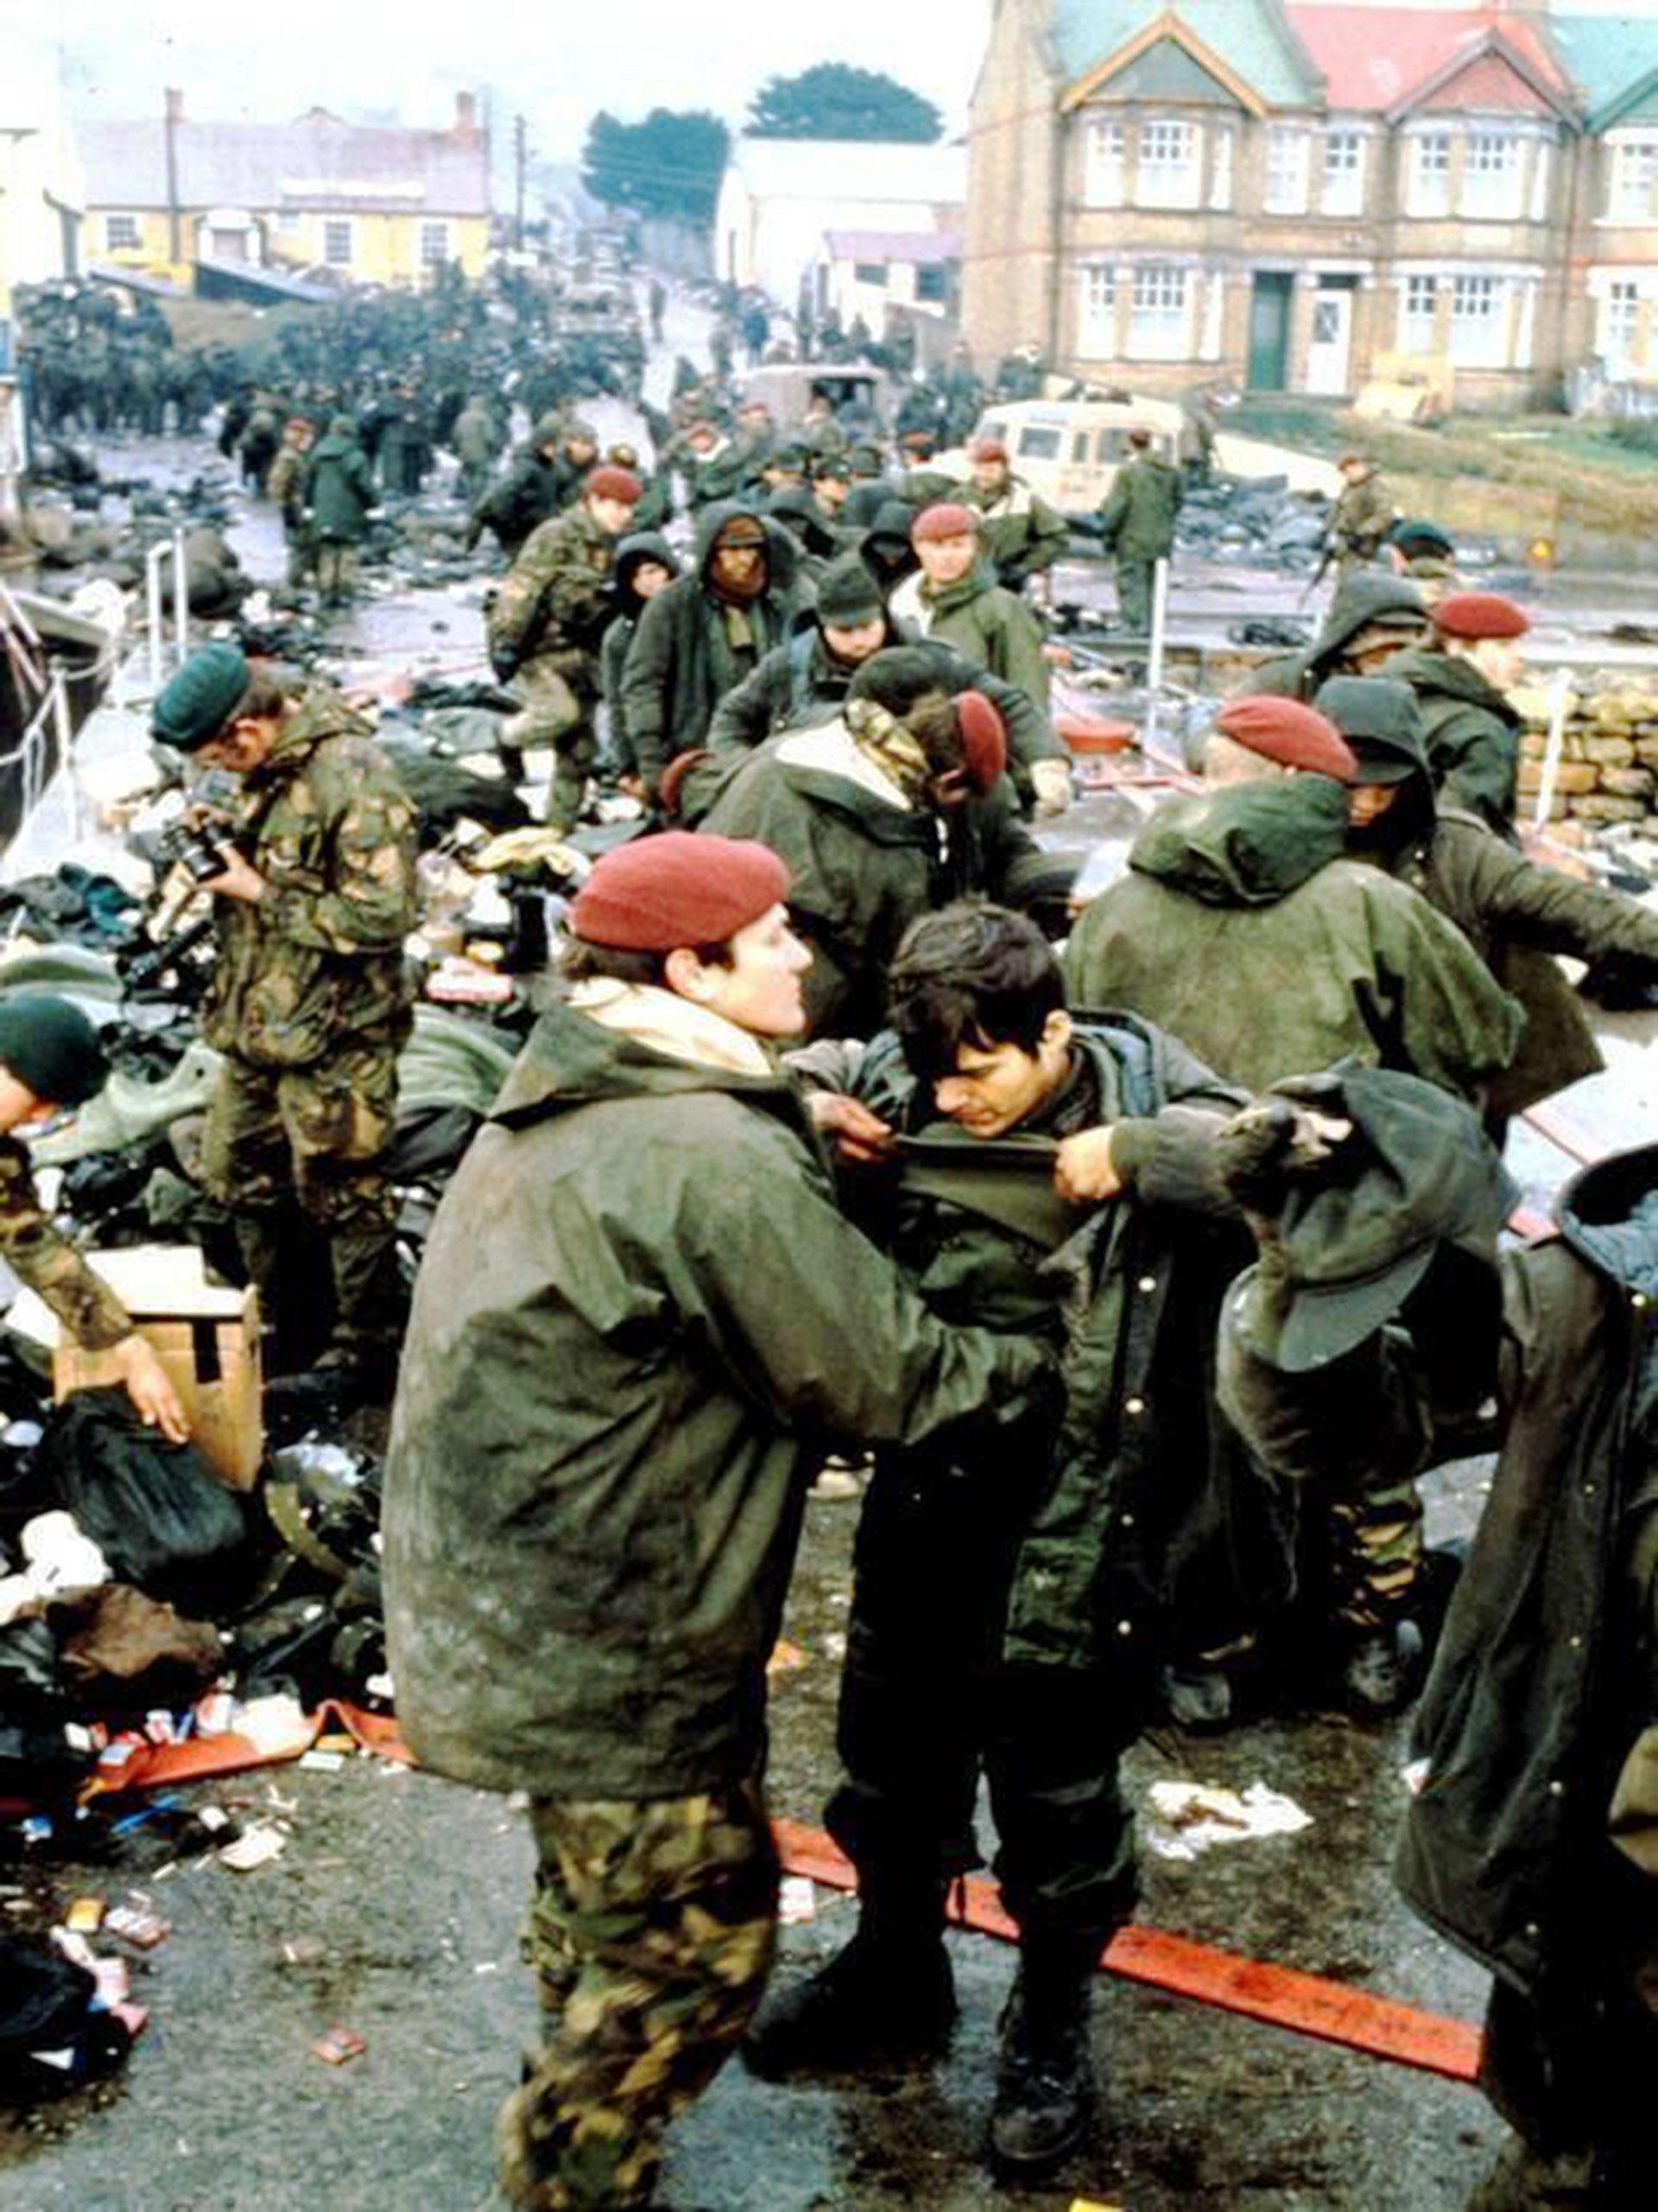 Los británicosrevisarona los combatientes argentinos en Puerto Argentino. No podían guardar nada: ni fotos, ni papeles, ni artículos personales